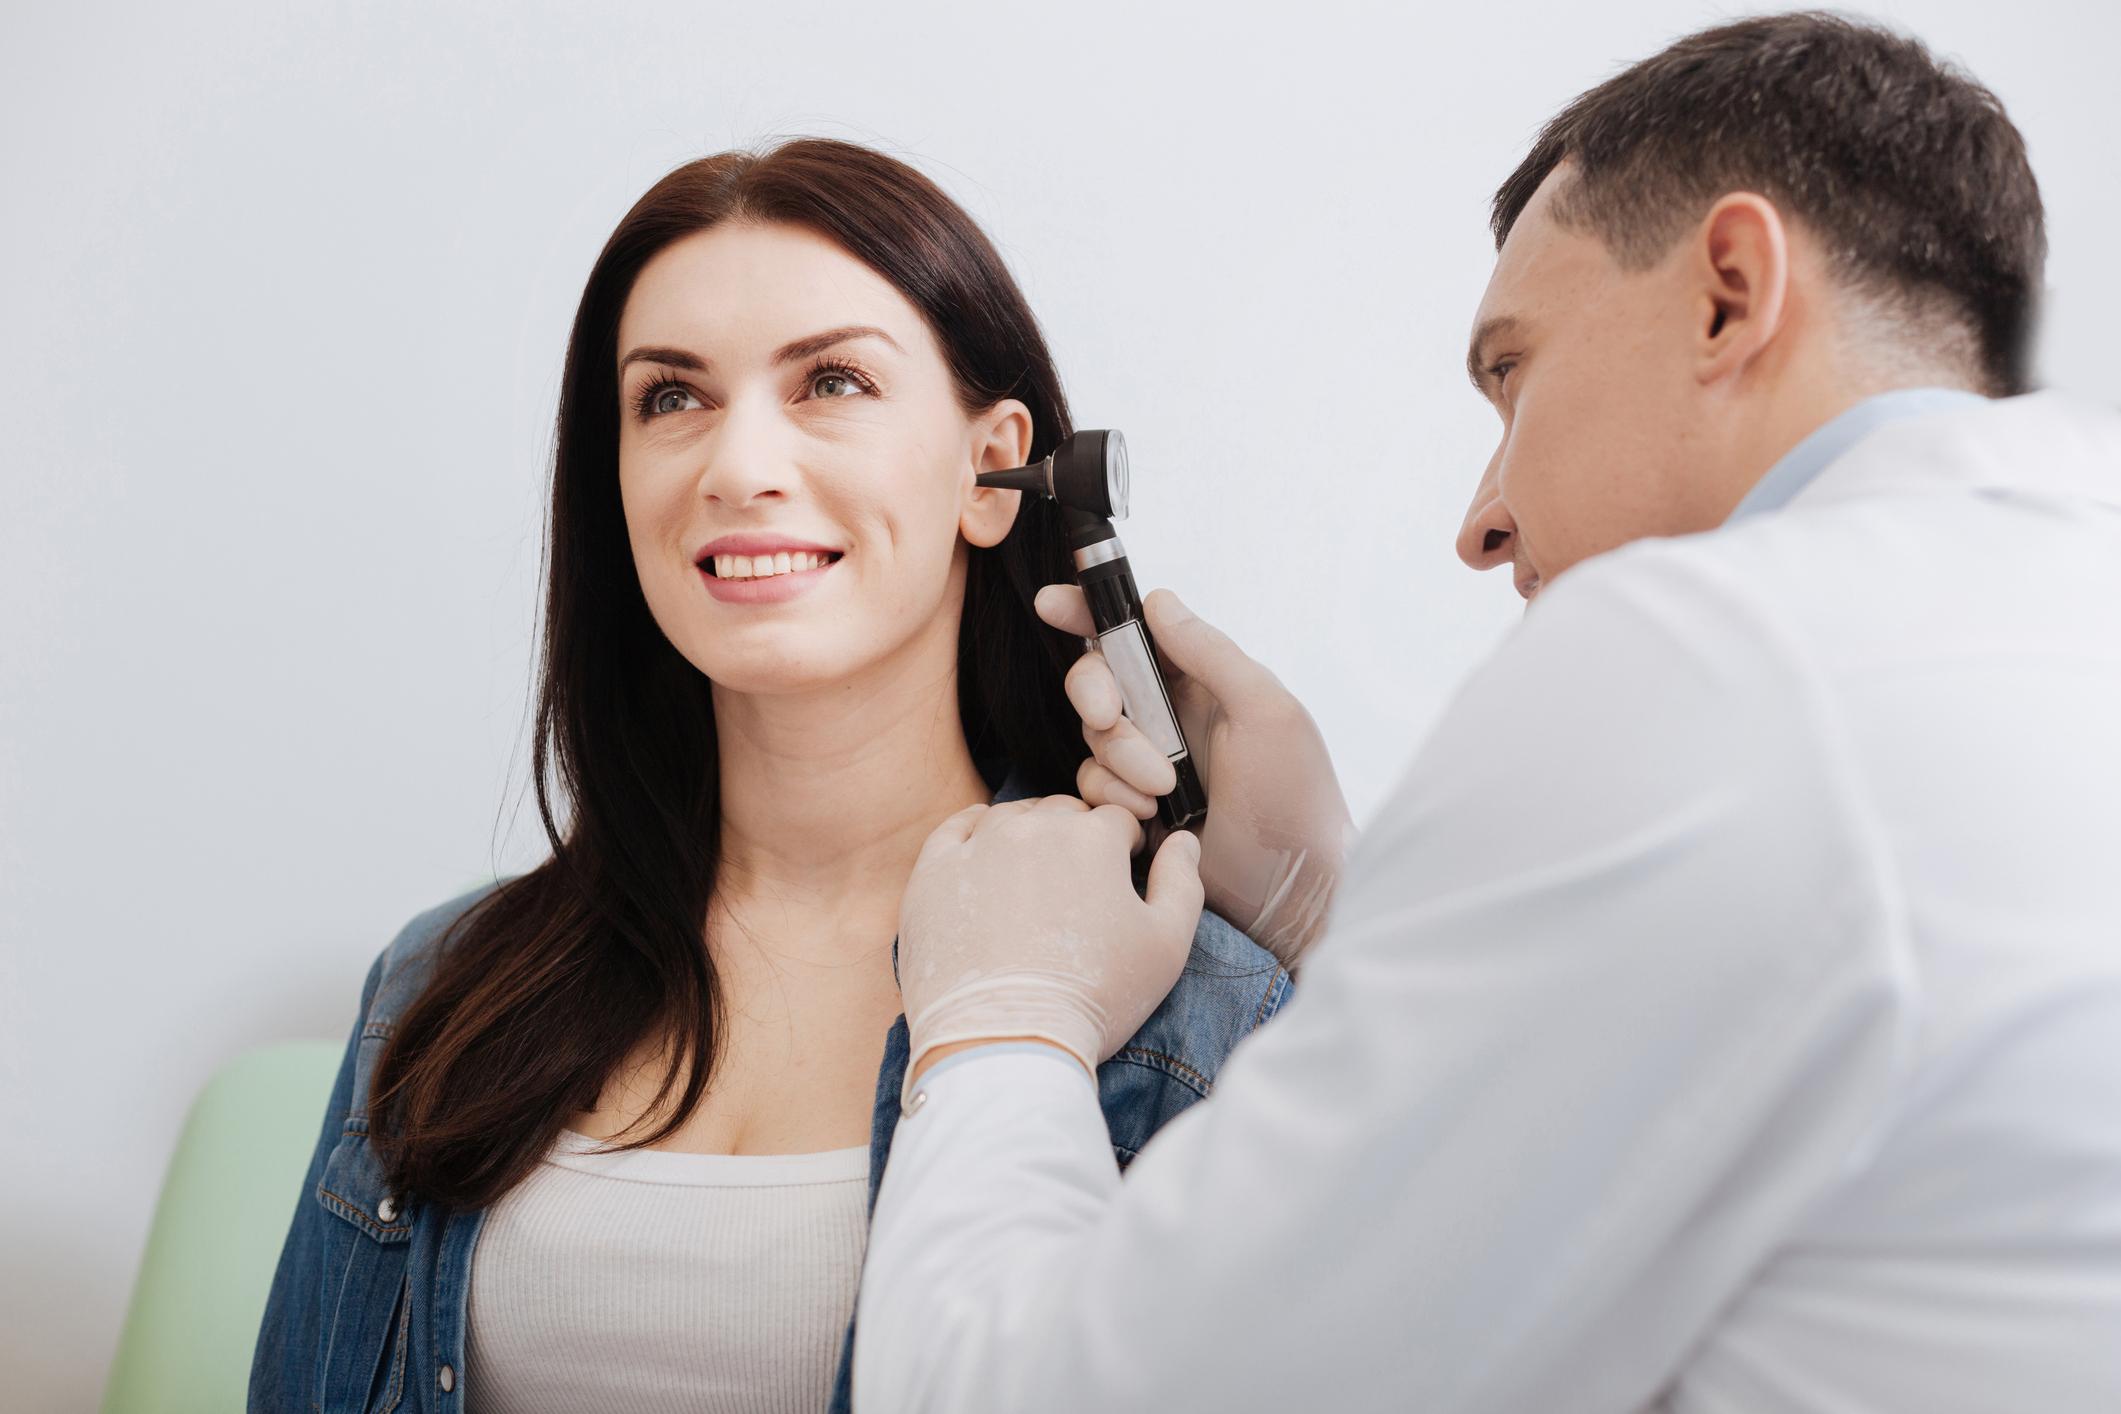 A overdose sonora que nos atinge pode trazer sérios riscos para a saúde auditiva. Cuidar desde cedo da audição é essencial para ouvir bem sempre.